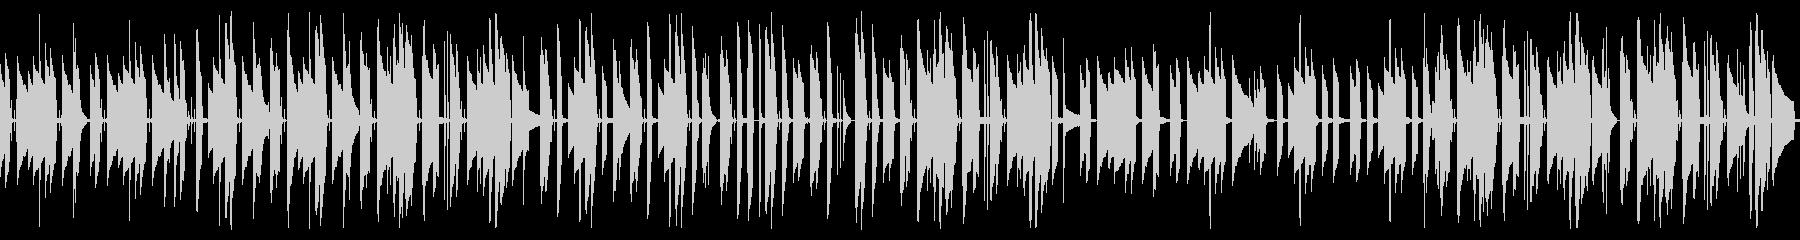 アコギのんびりほんわかフォークトロニカの未再生の波形